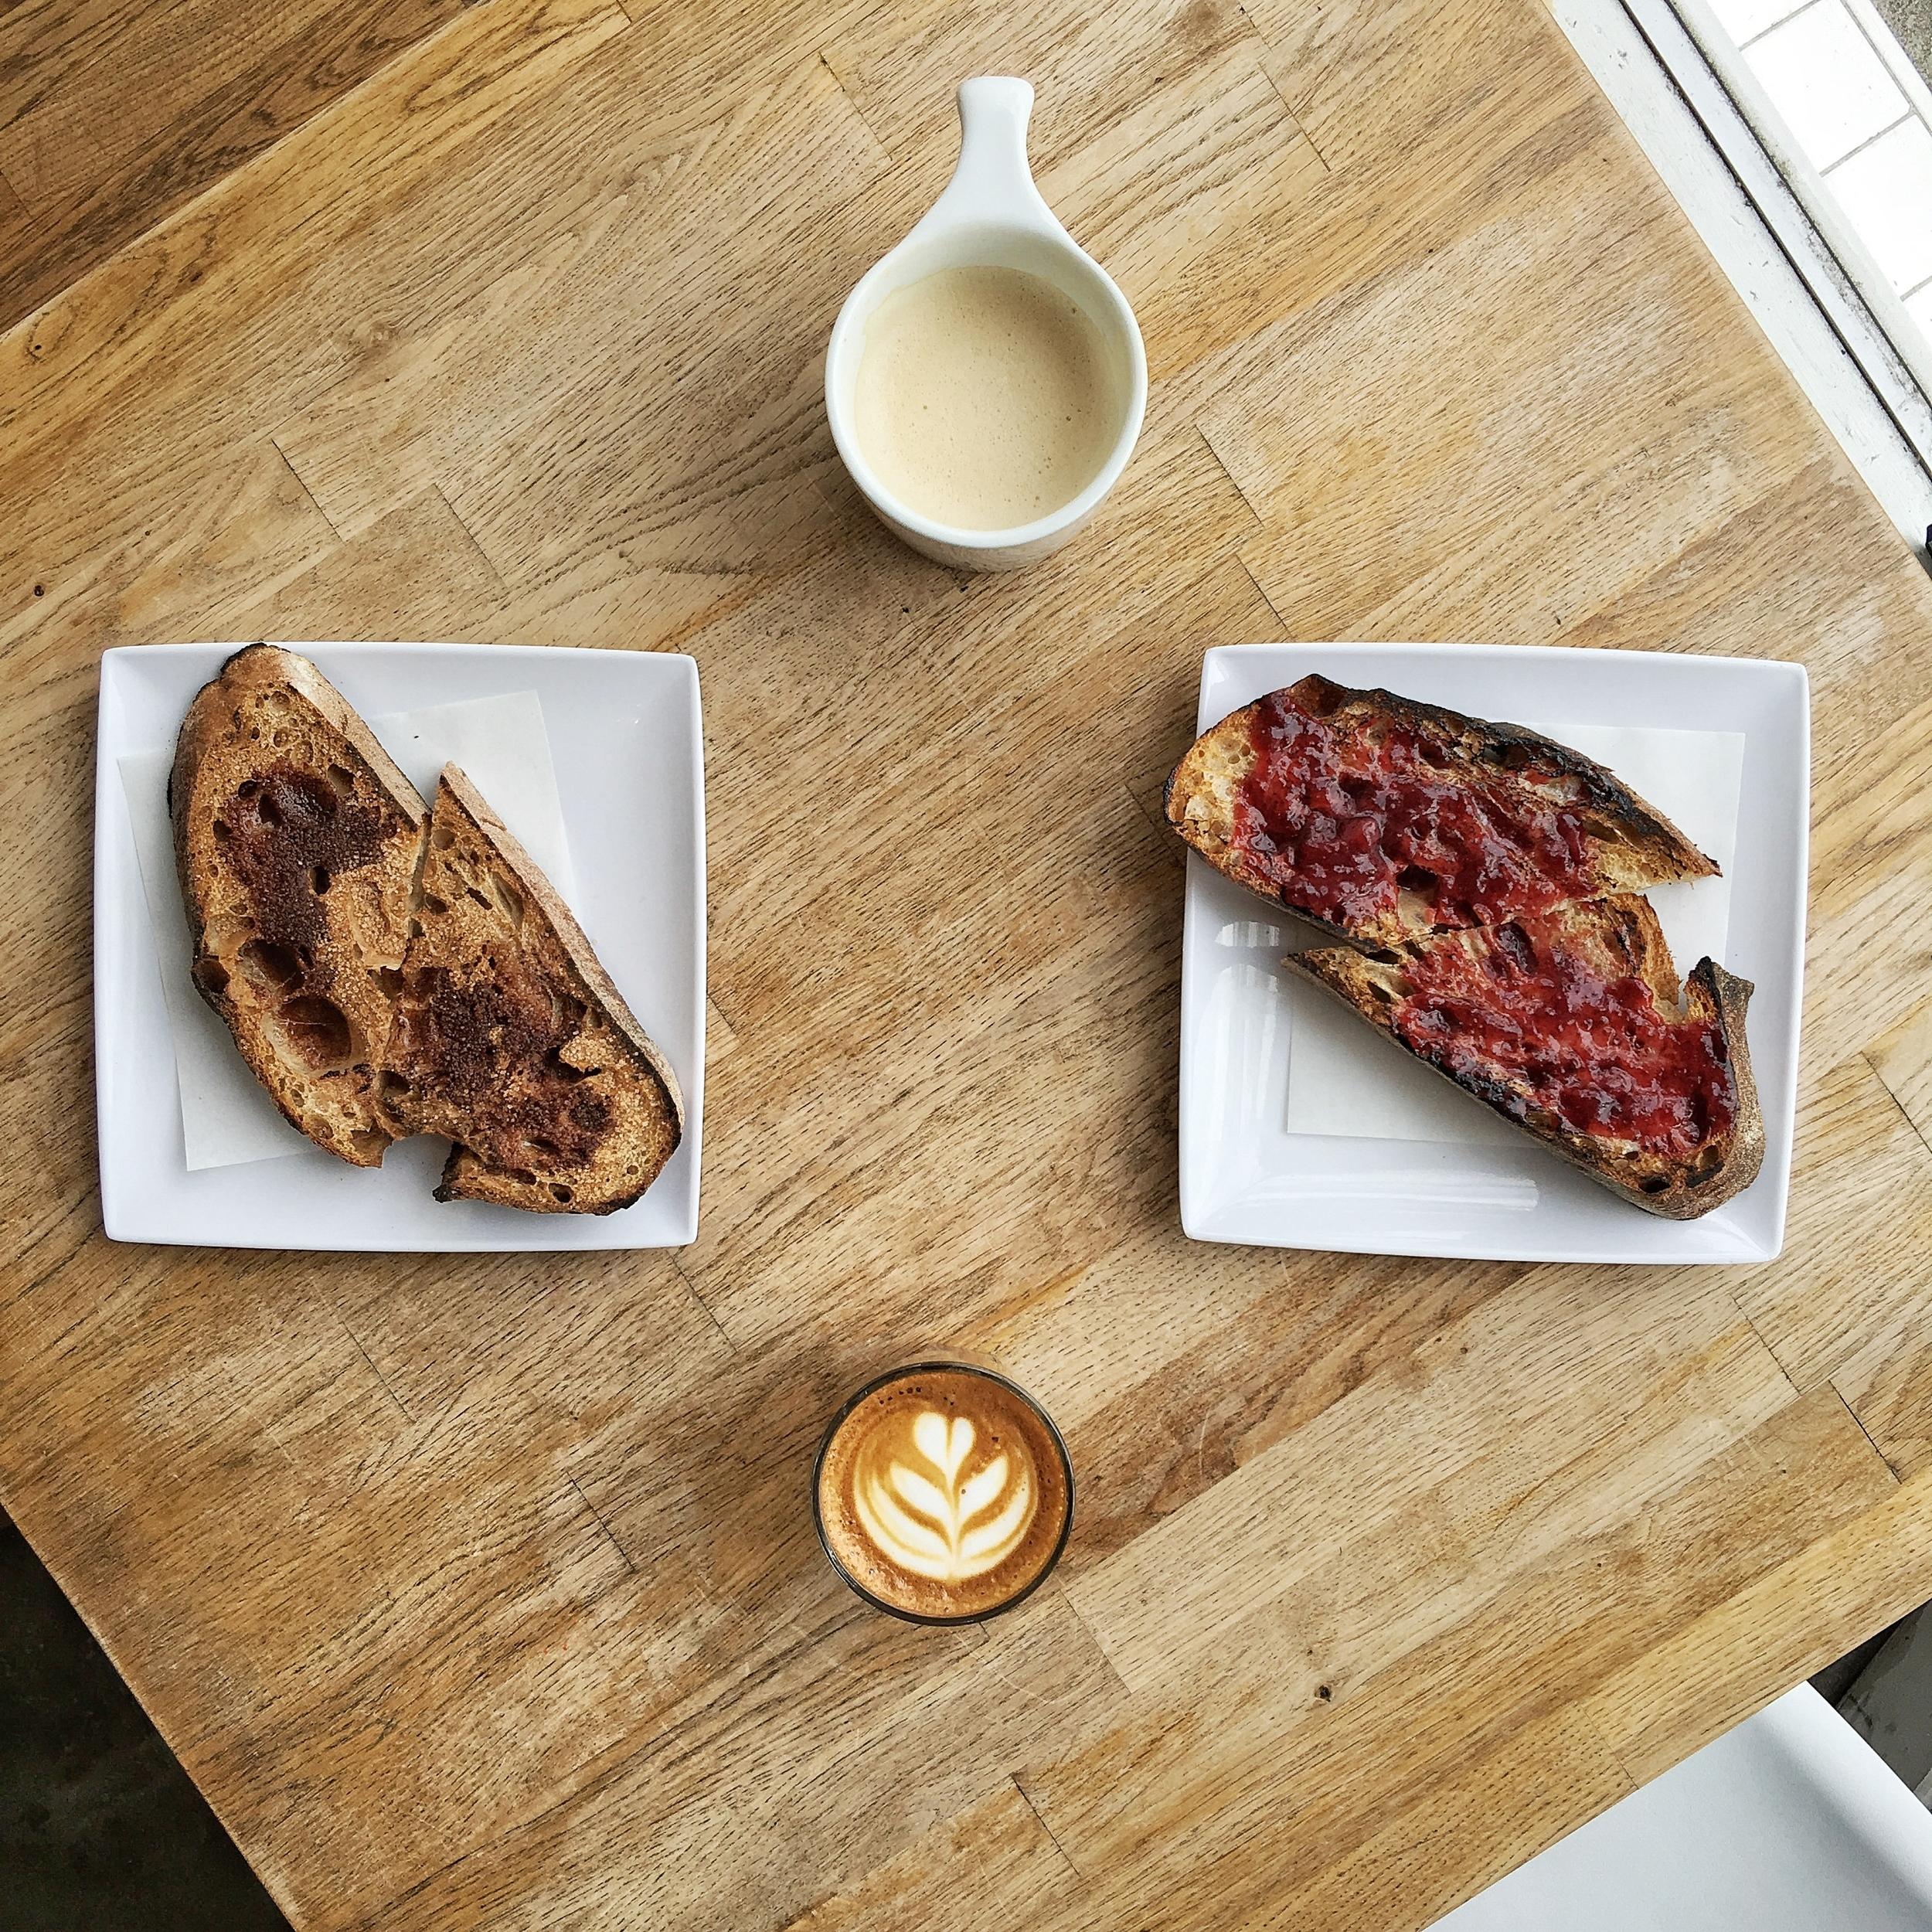 Coffe & Tea Collective